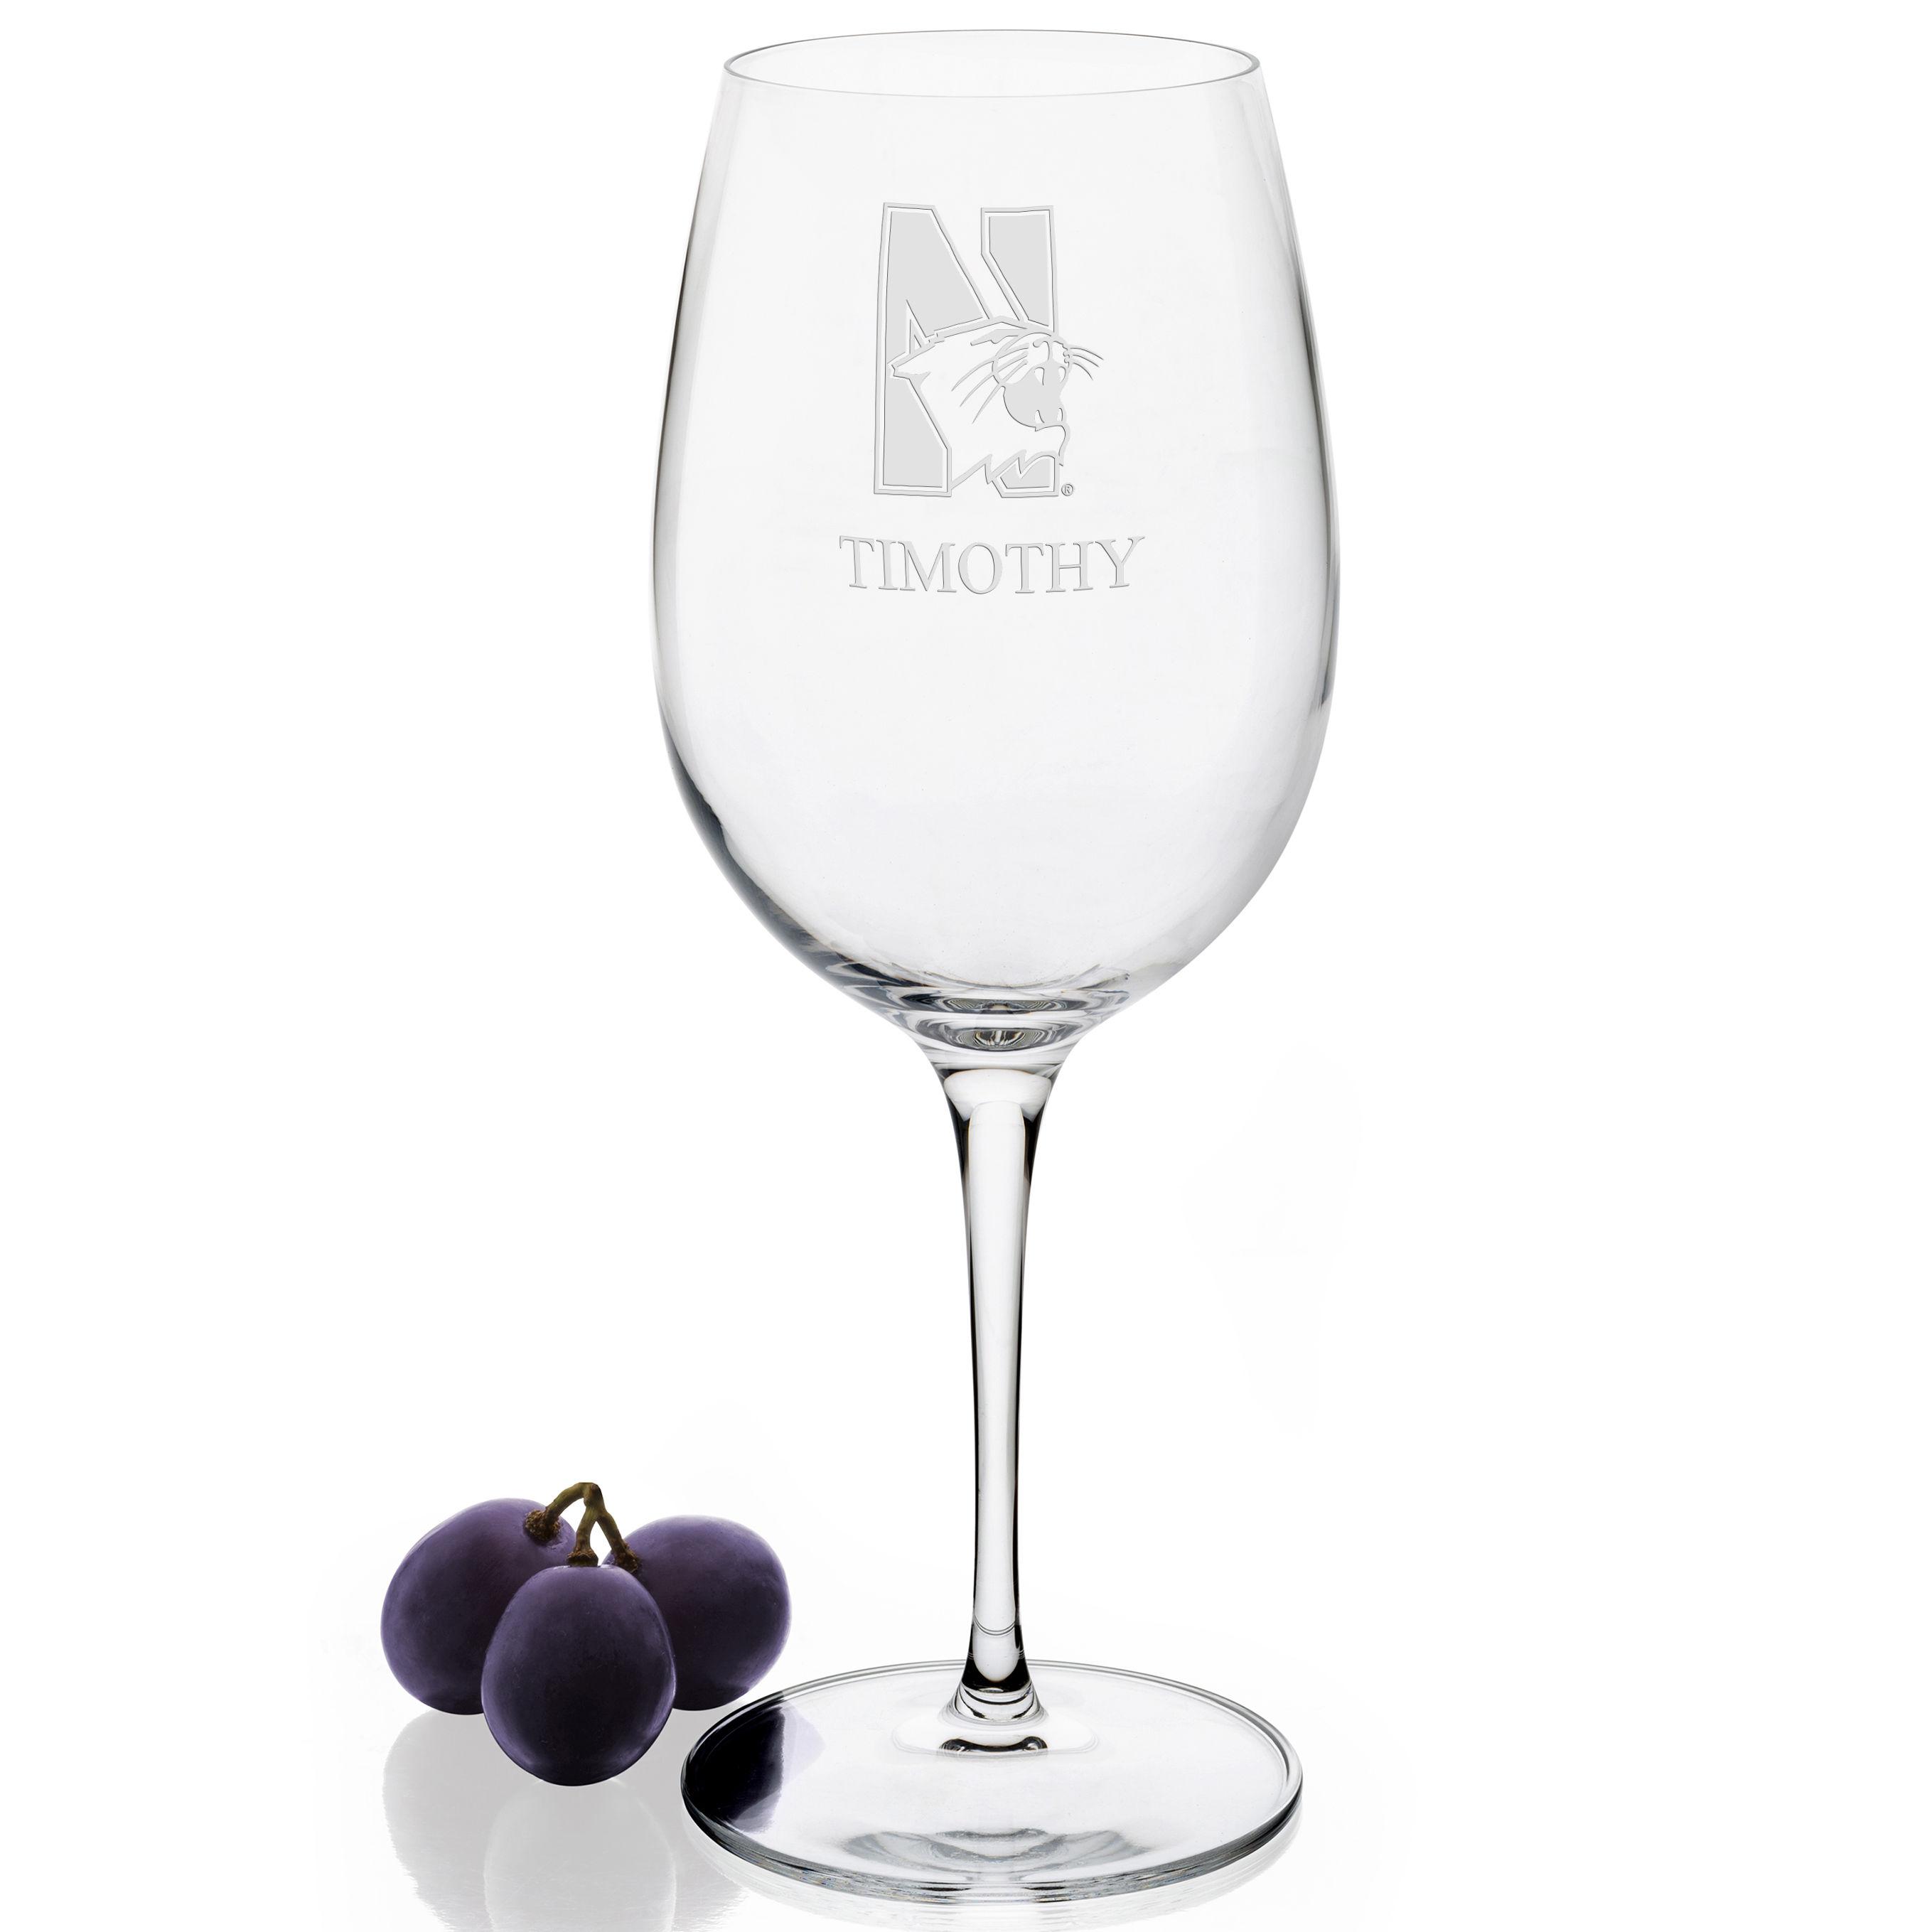 Northwestern University Red Wine Glasses - Set of 4 - Image 2